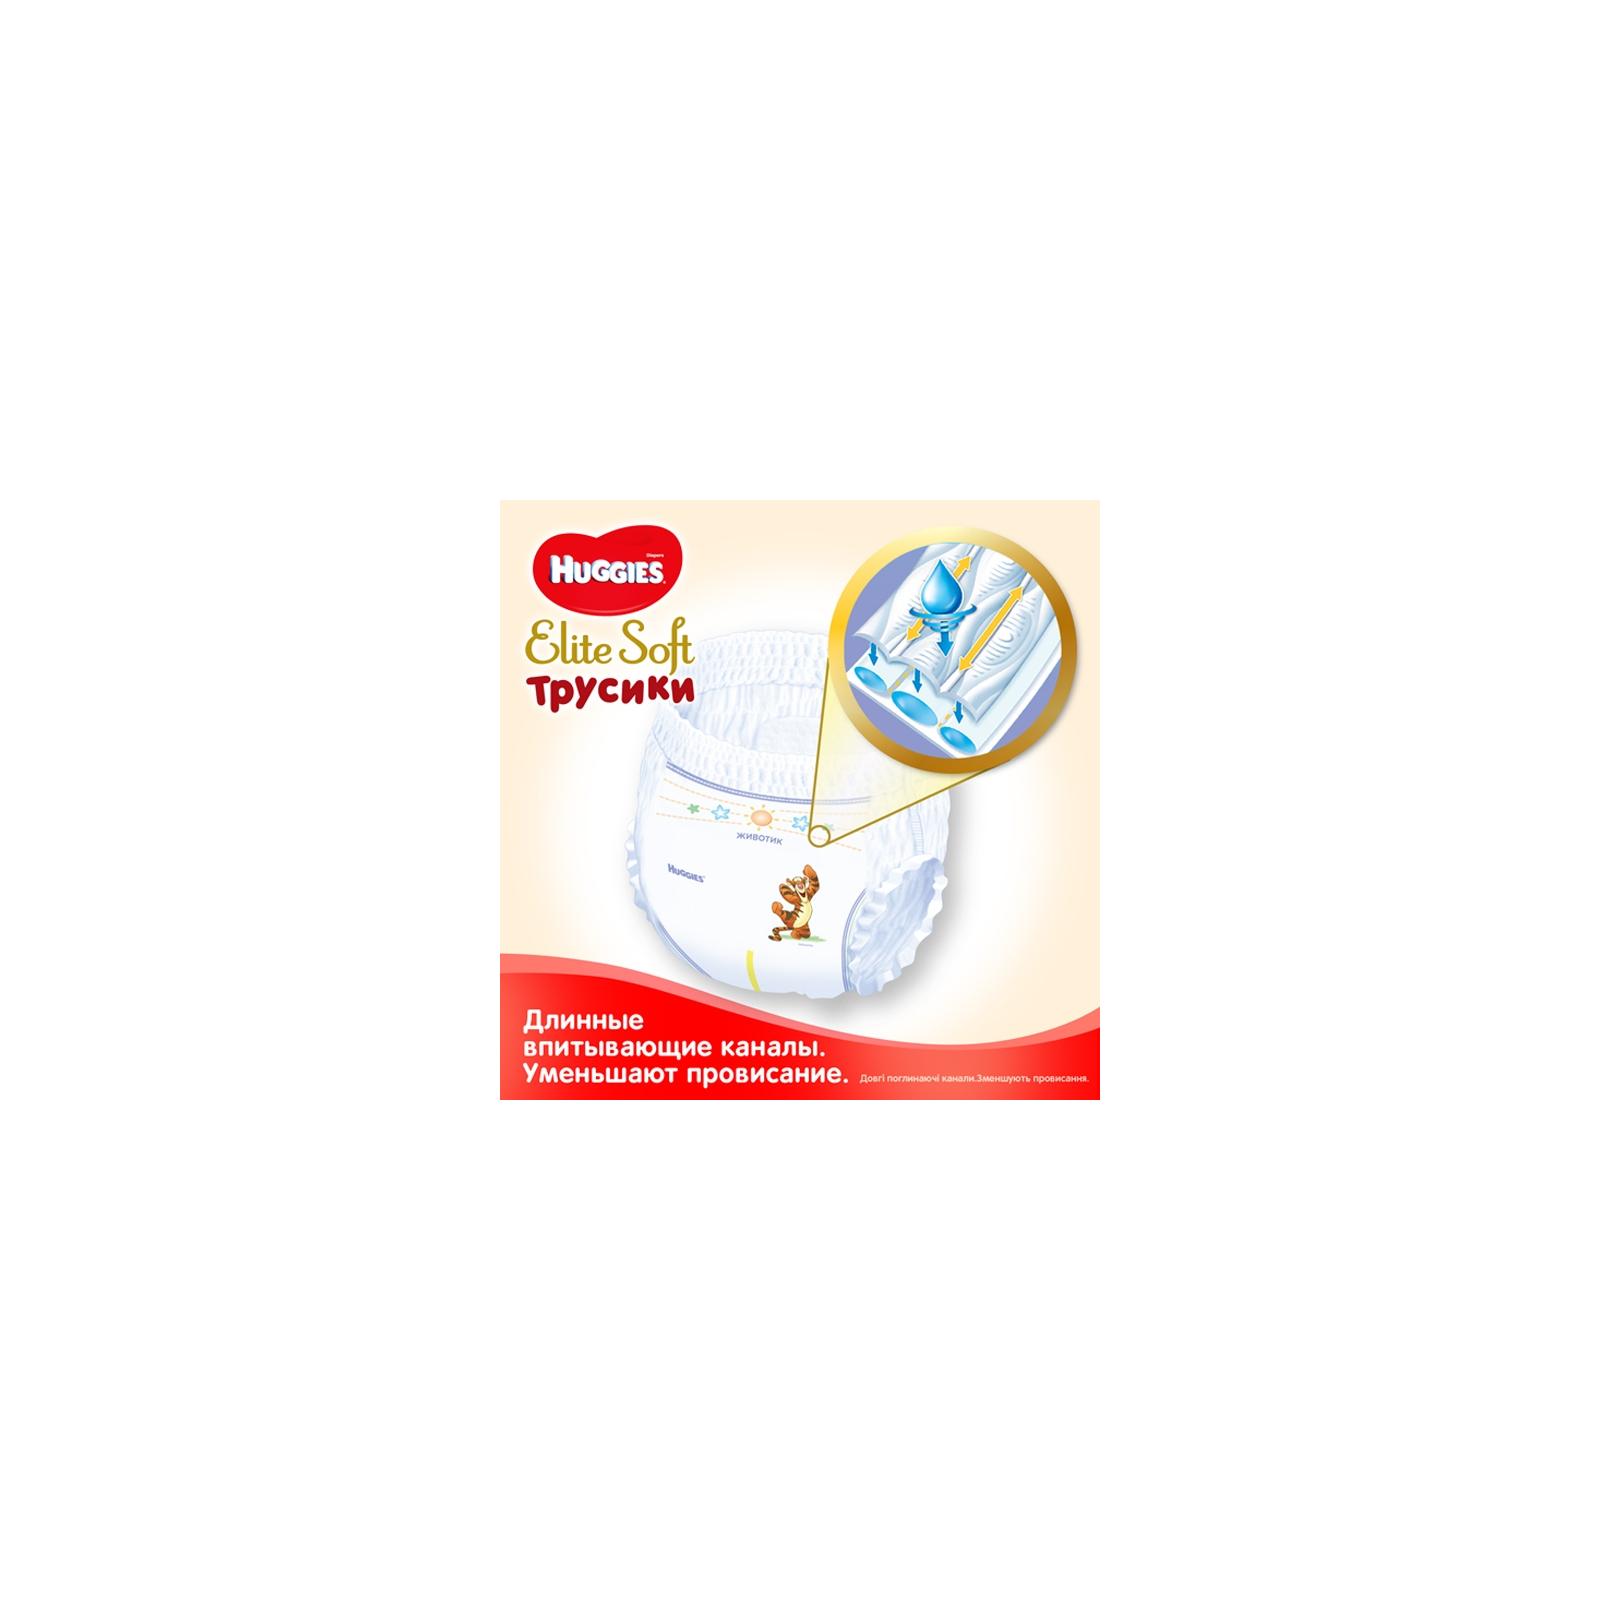 Подгузник Huggies Elite Soft Pants XL размер 5 (12-17 кг) Mega 38 шт (5029053547015) изображение 5